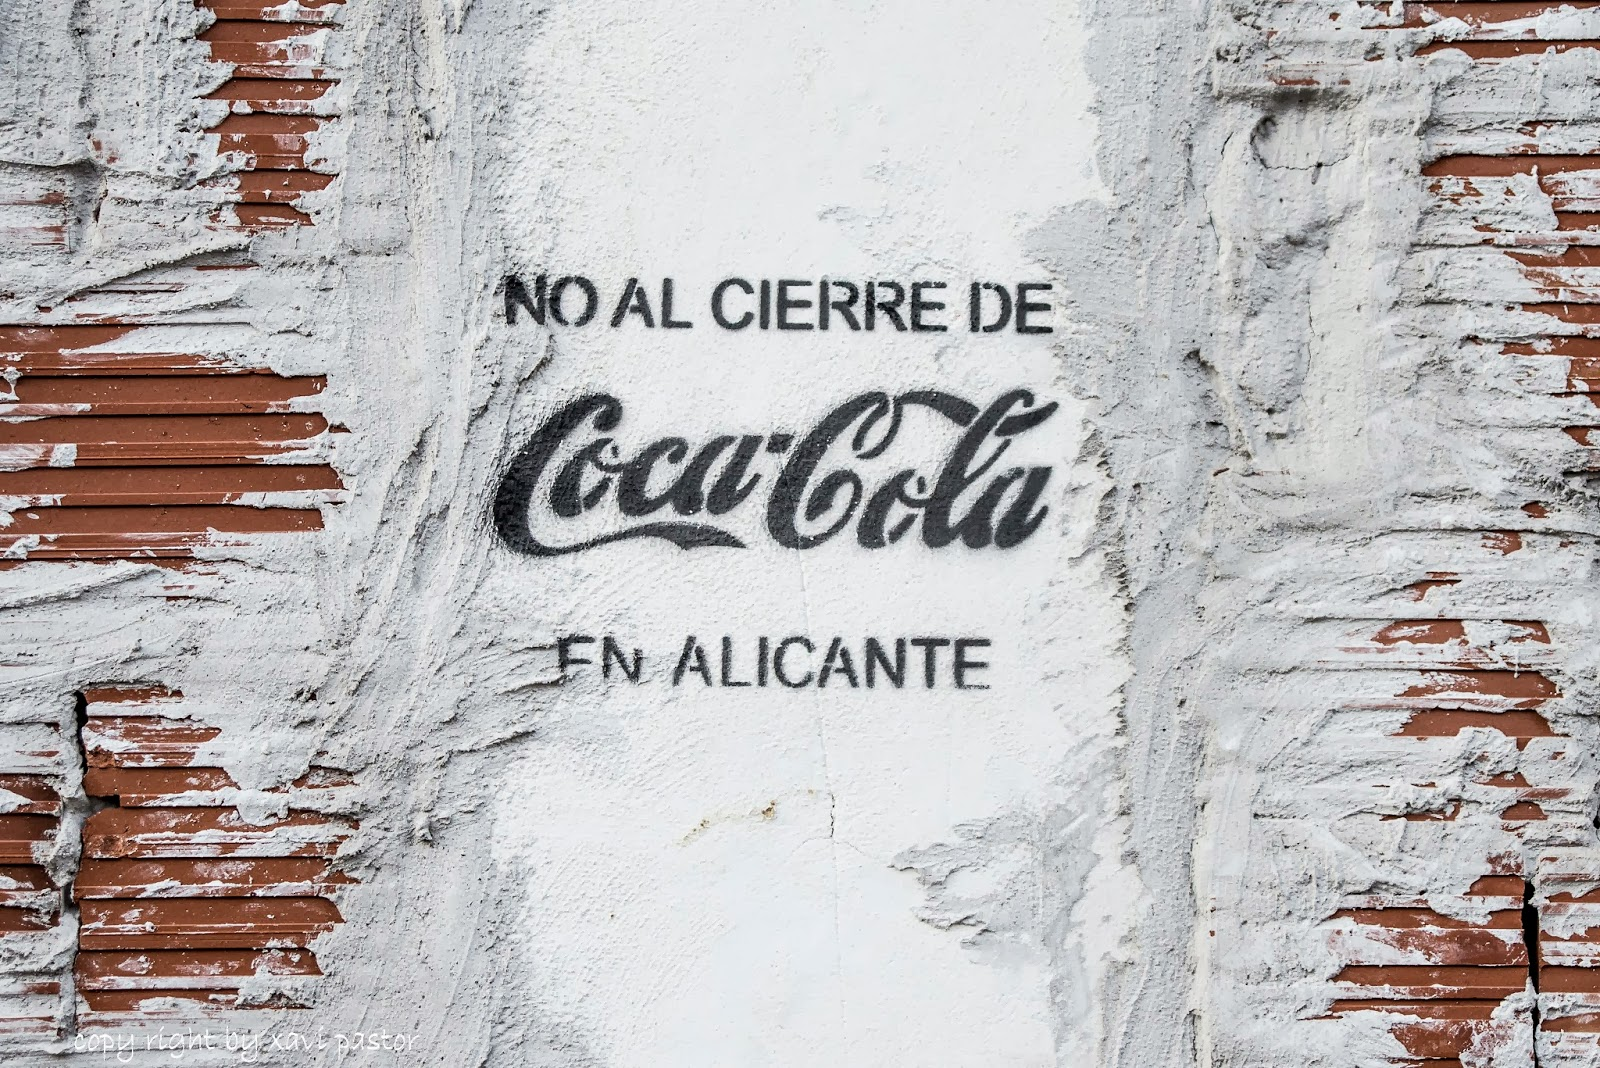 alicante, boicot coca cola, cierre